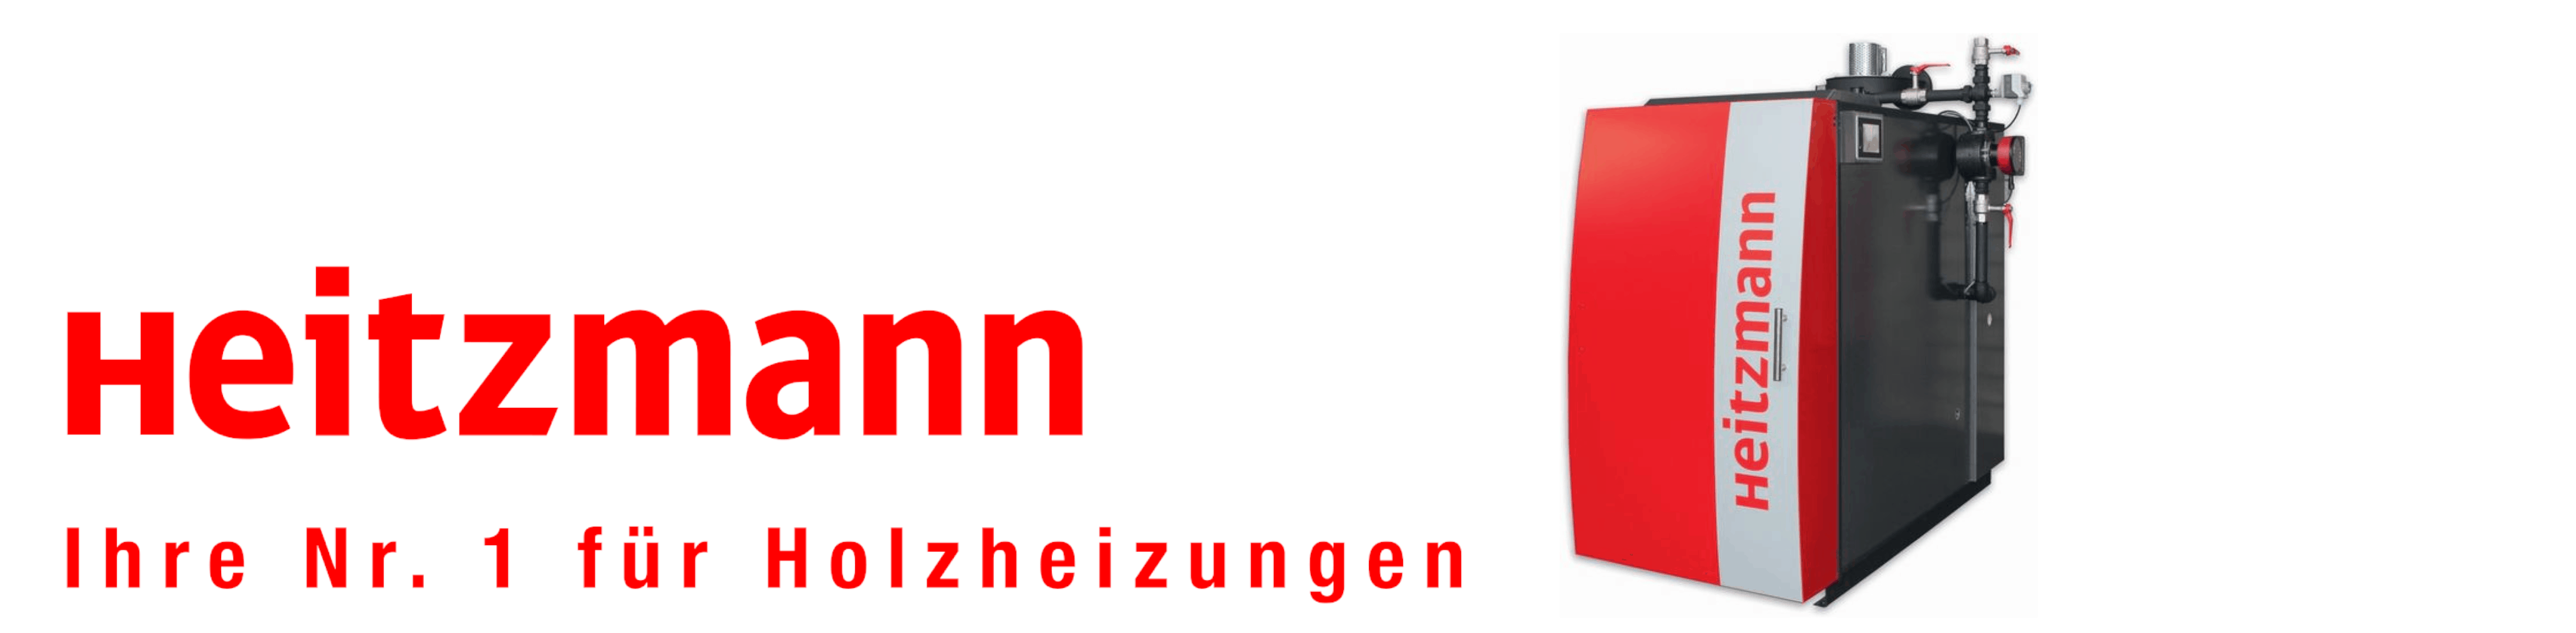 htzmn